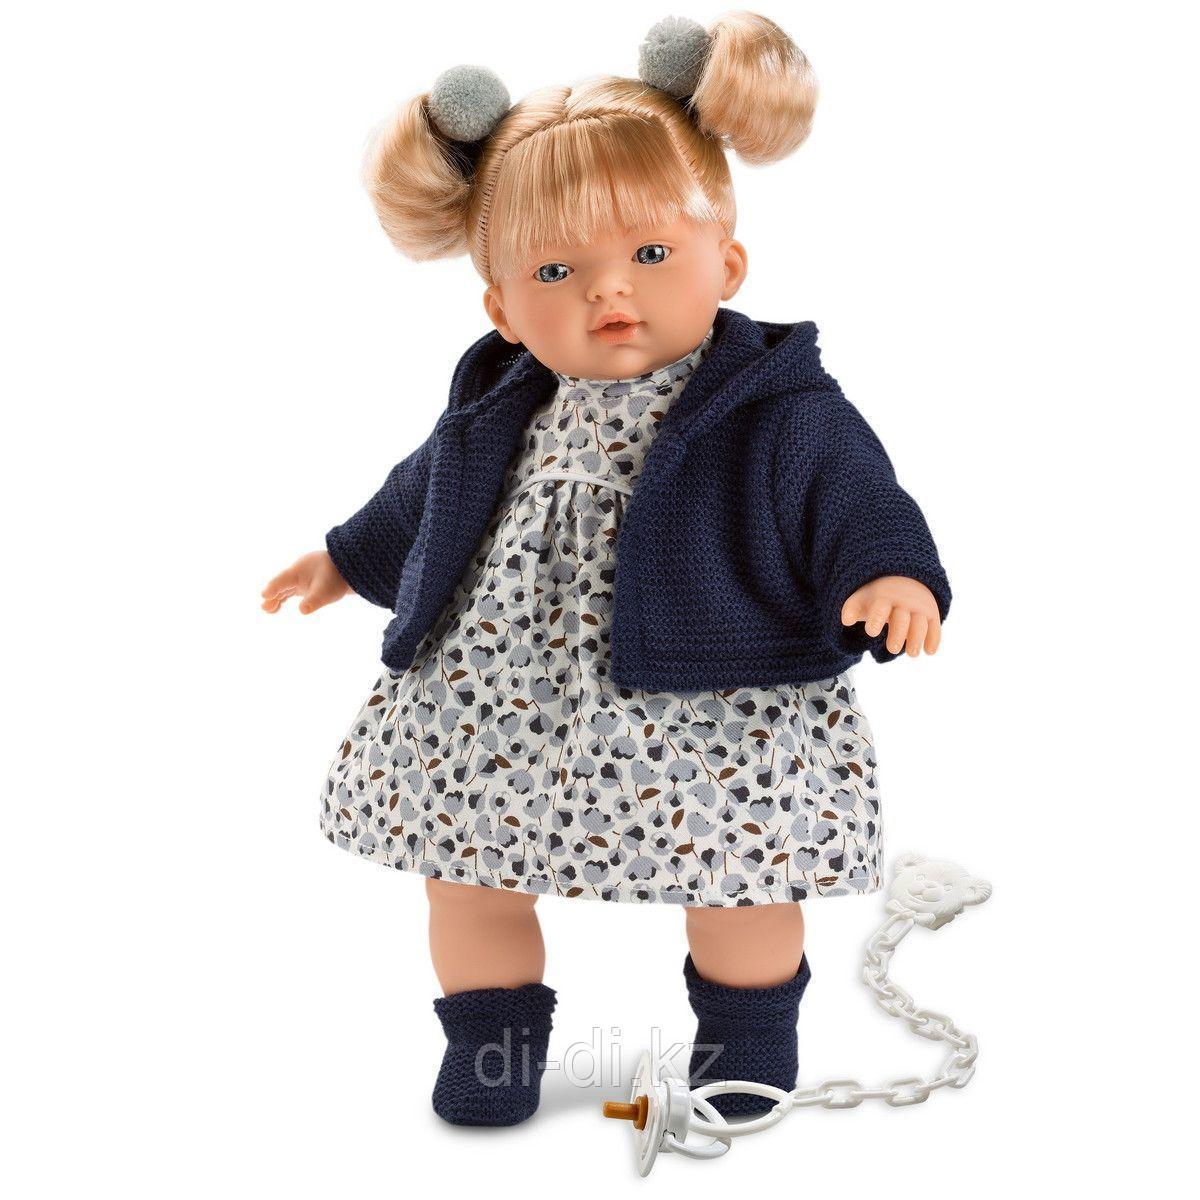 LLORENS Кукла малышка Изабела 33см, блондинка в темно-синей курточке